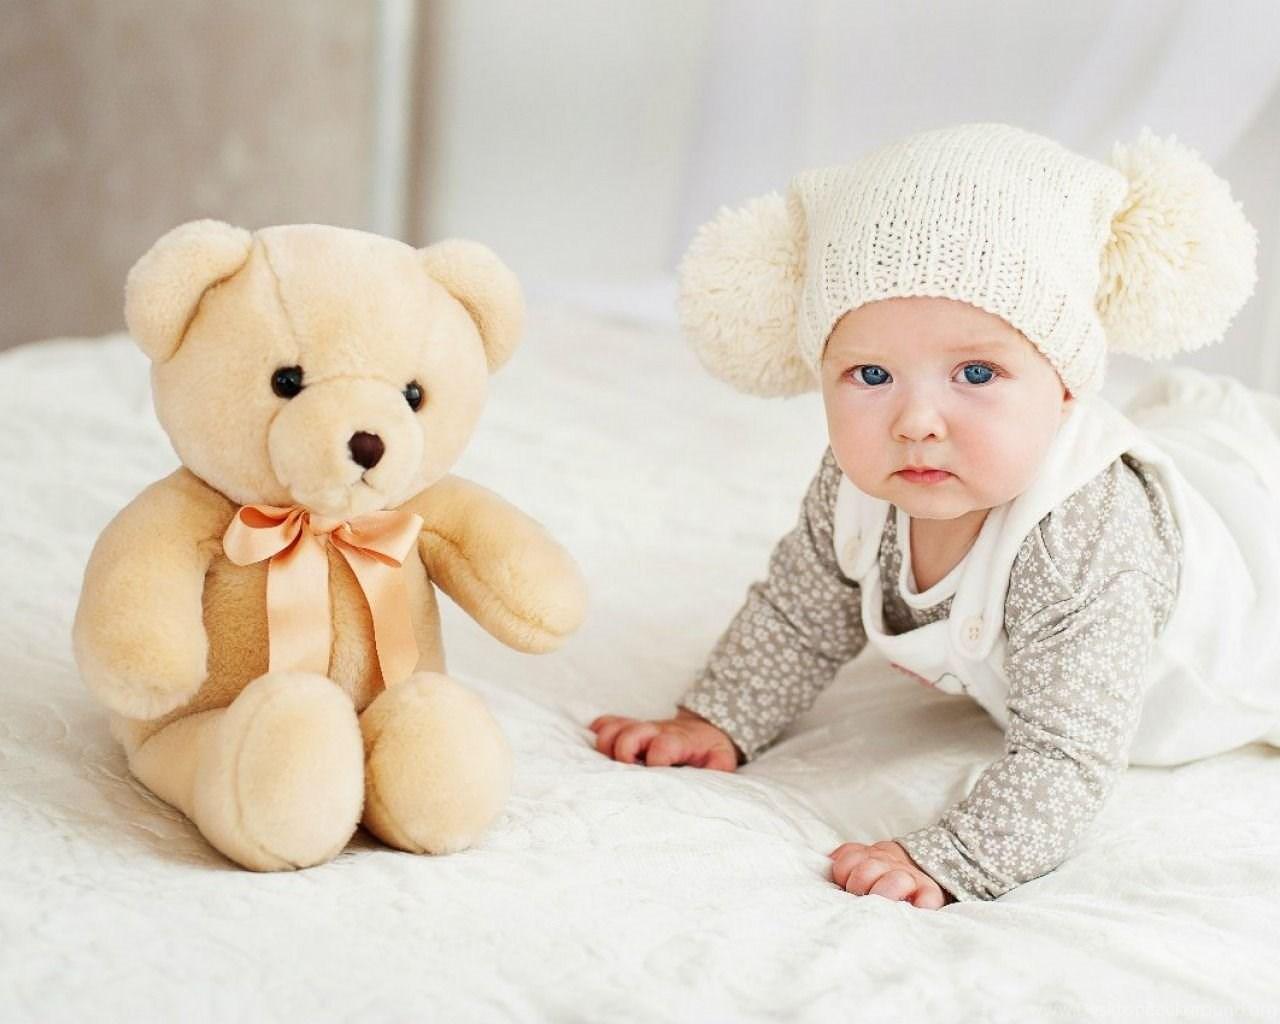 Very Cute Teddy Bear Couple Hd Wallpapers Desktop Background